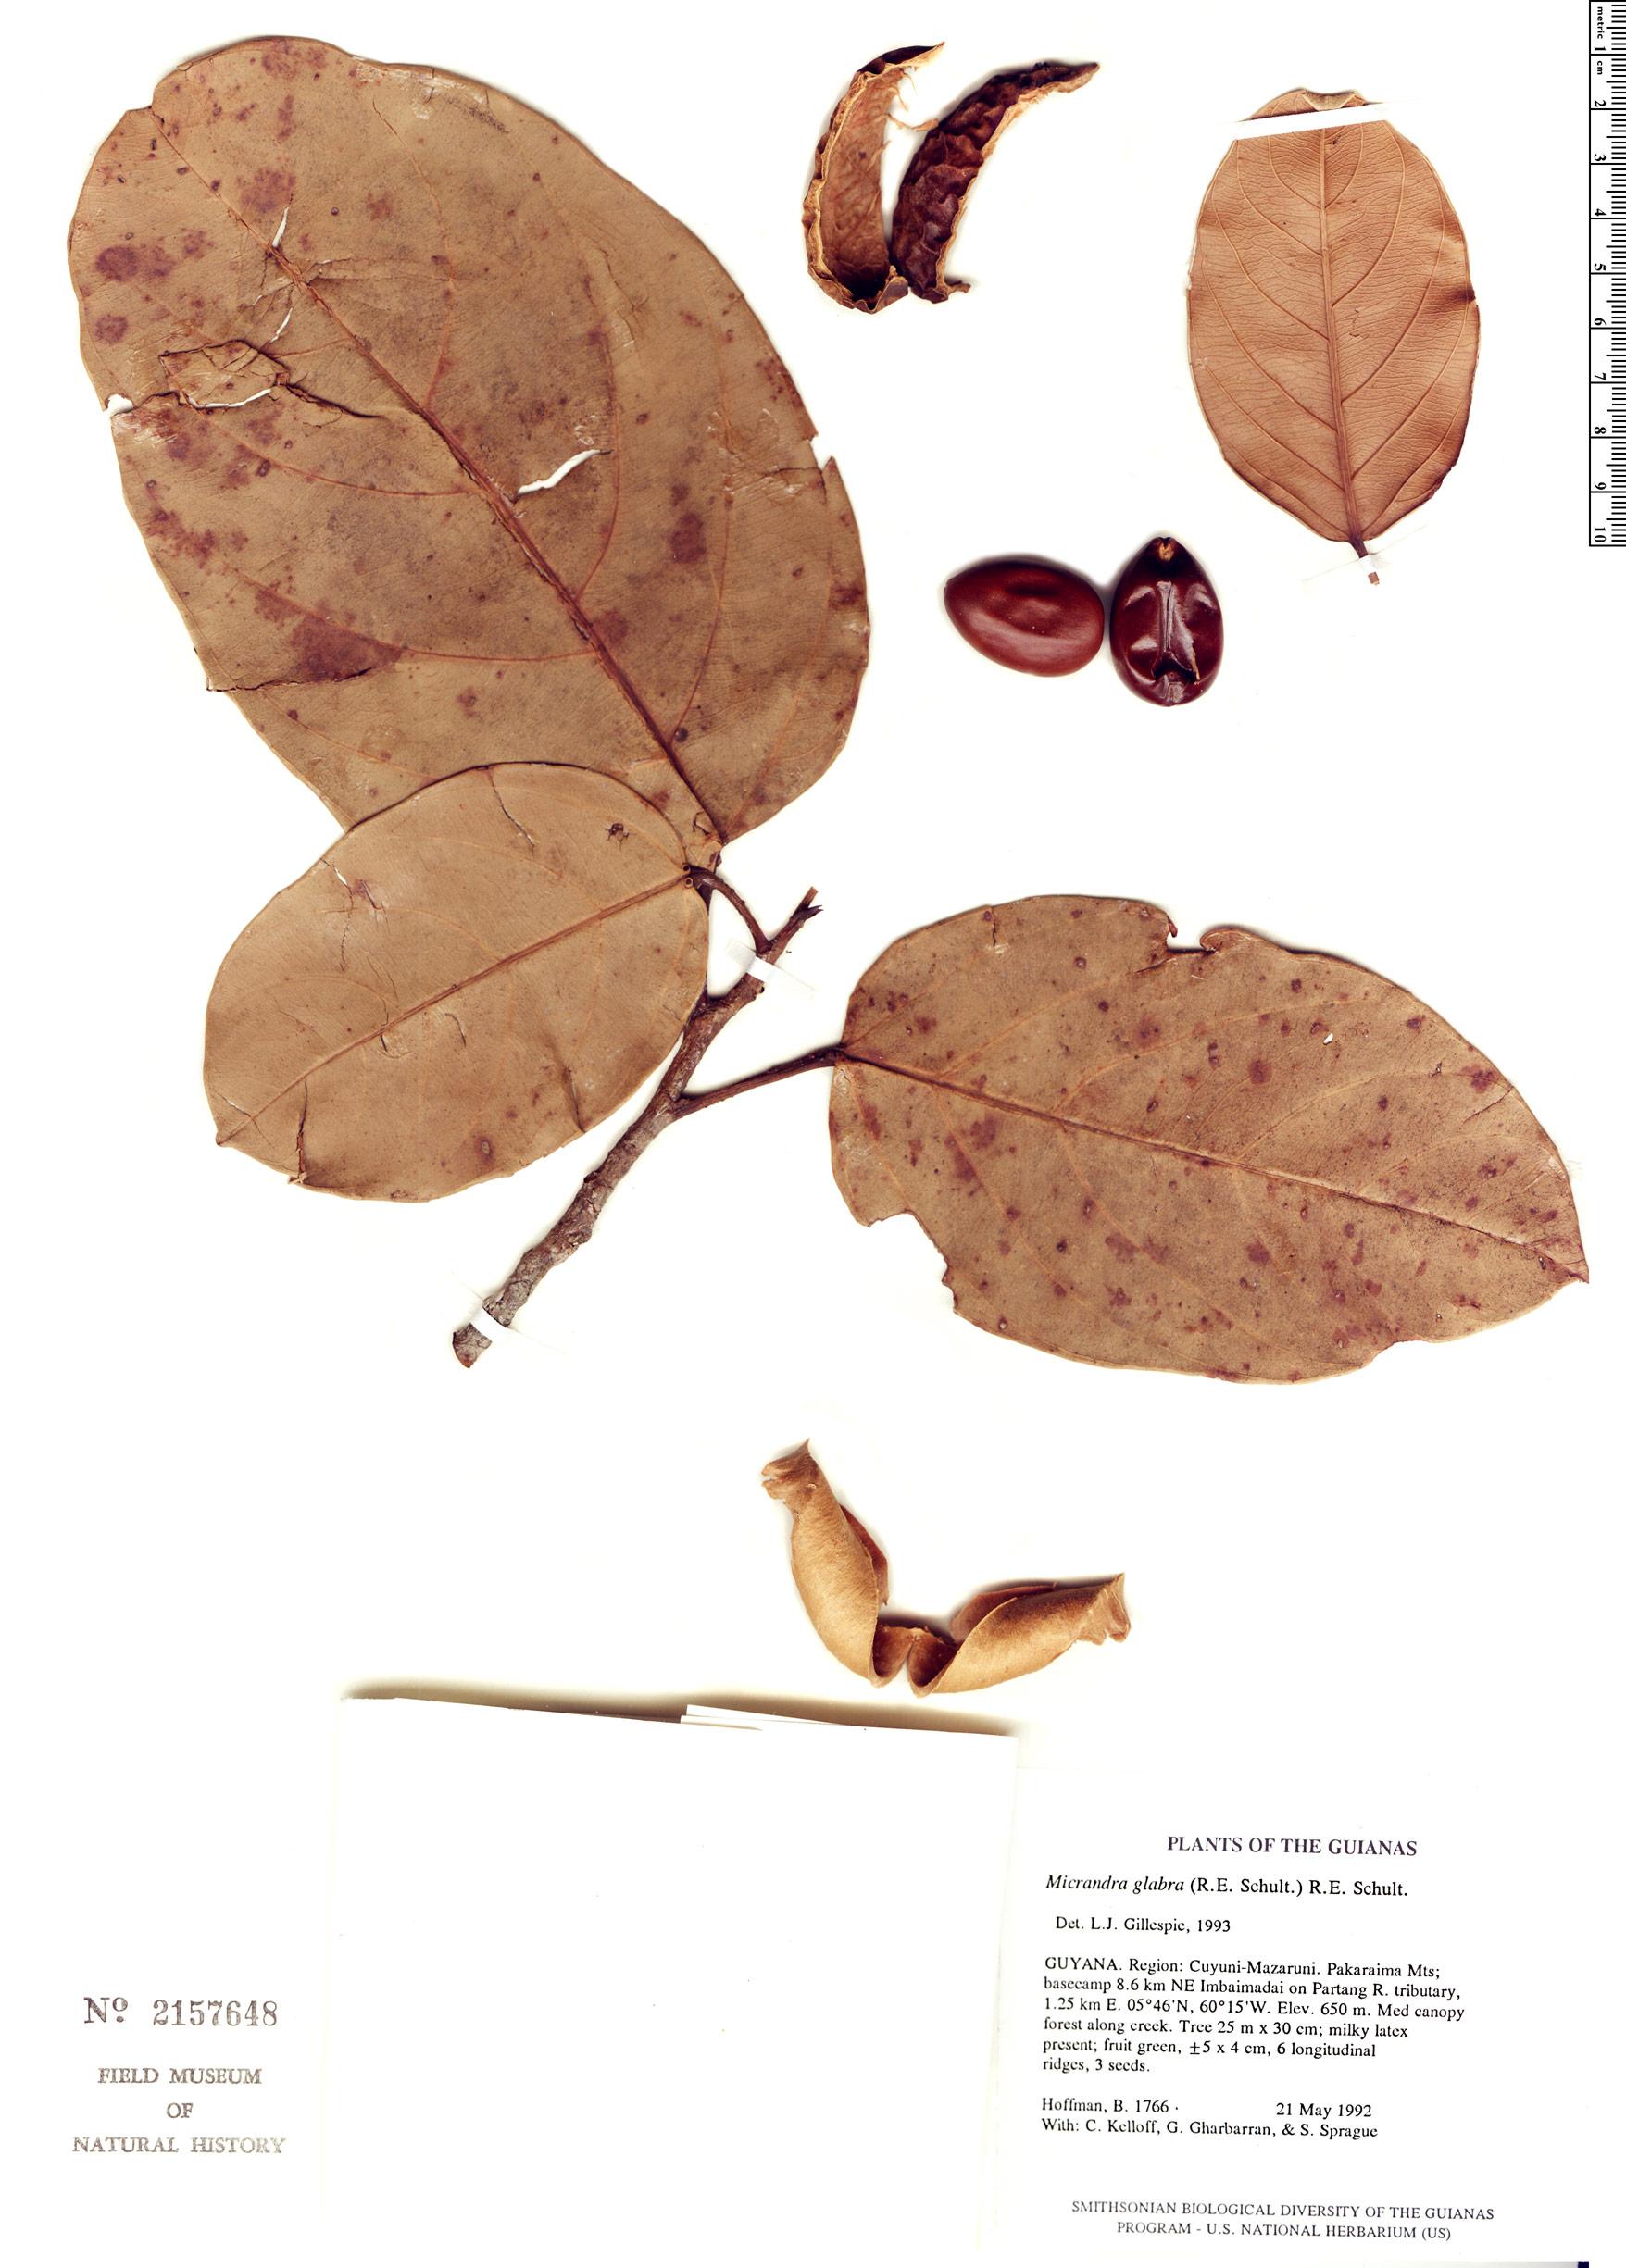 Specimen: Micrandra glabra